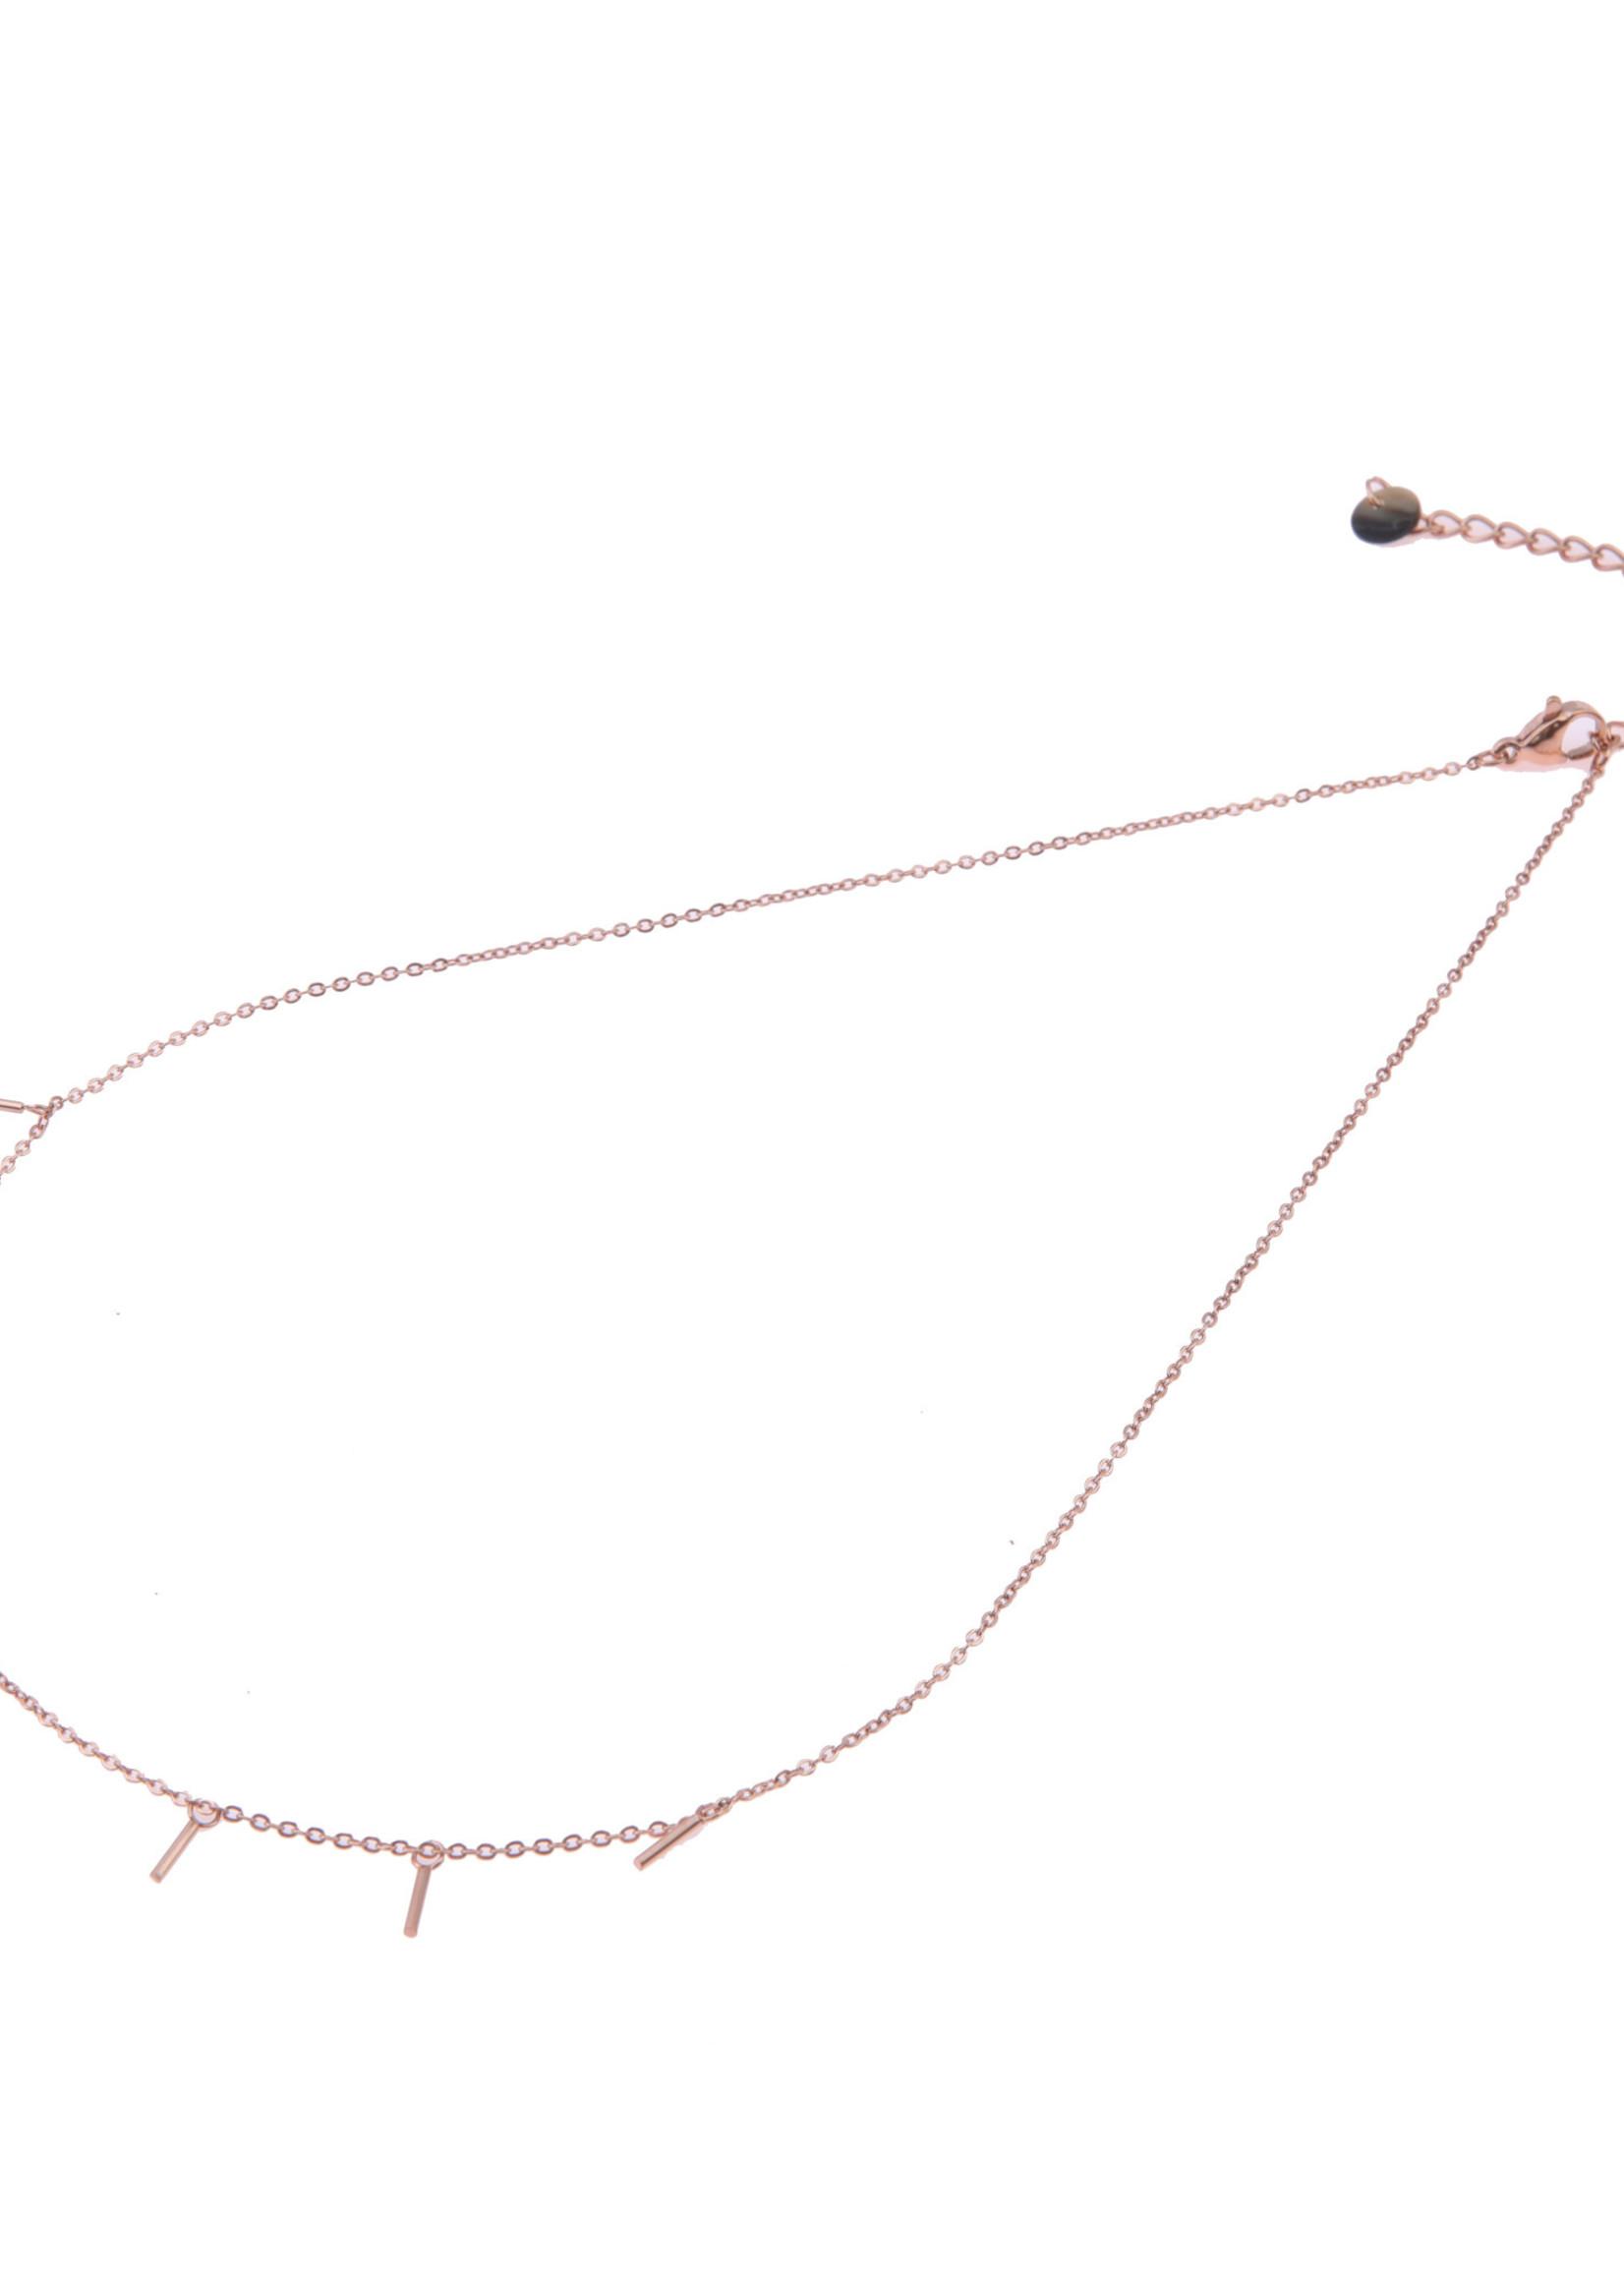 Ketting rosé-goud staafjes N0419-3